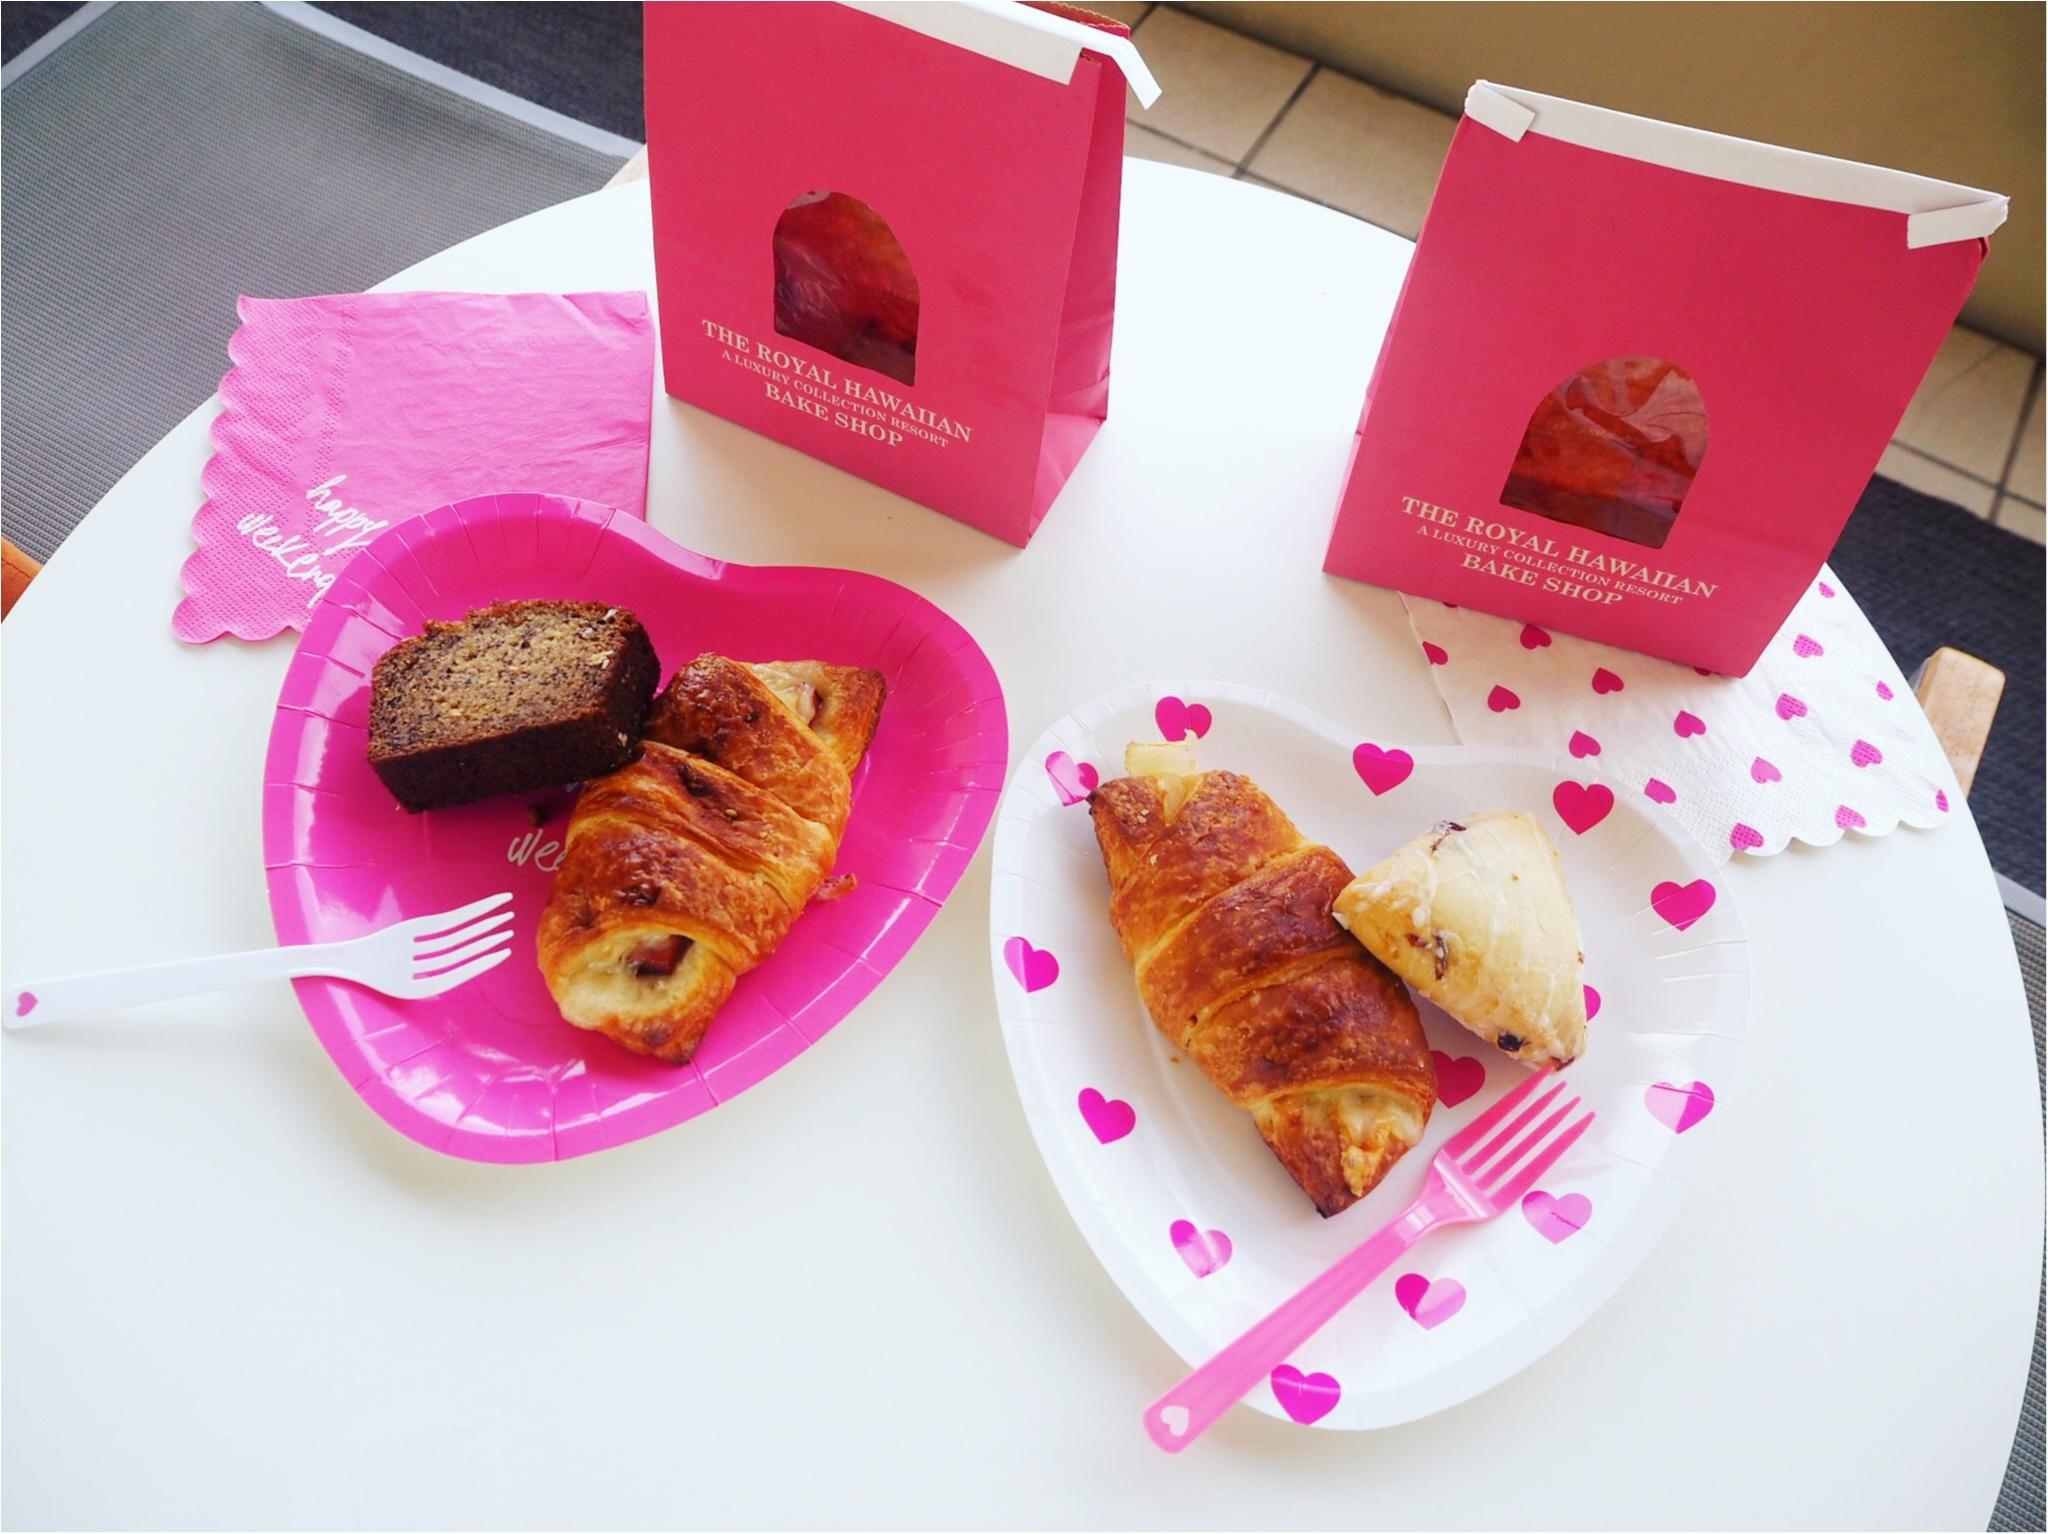 おしゃカフェ風女子会はDAISO(ダイソー)で叶える♡ガールズトレンド研究所ピンクアイテムでパーティを始めよう!_2